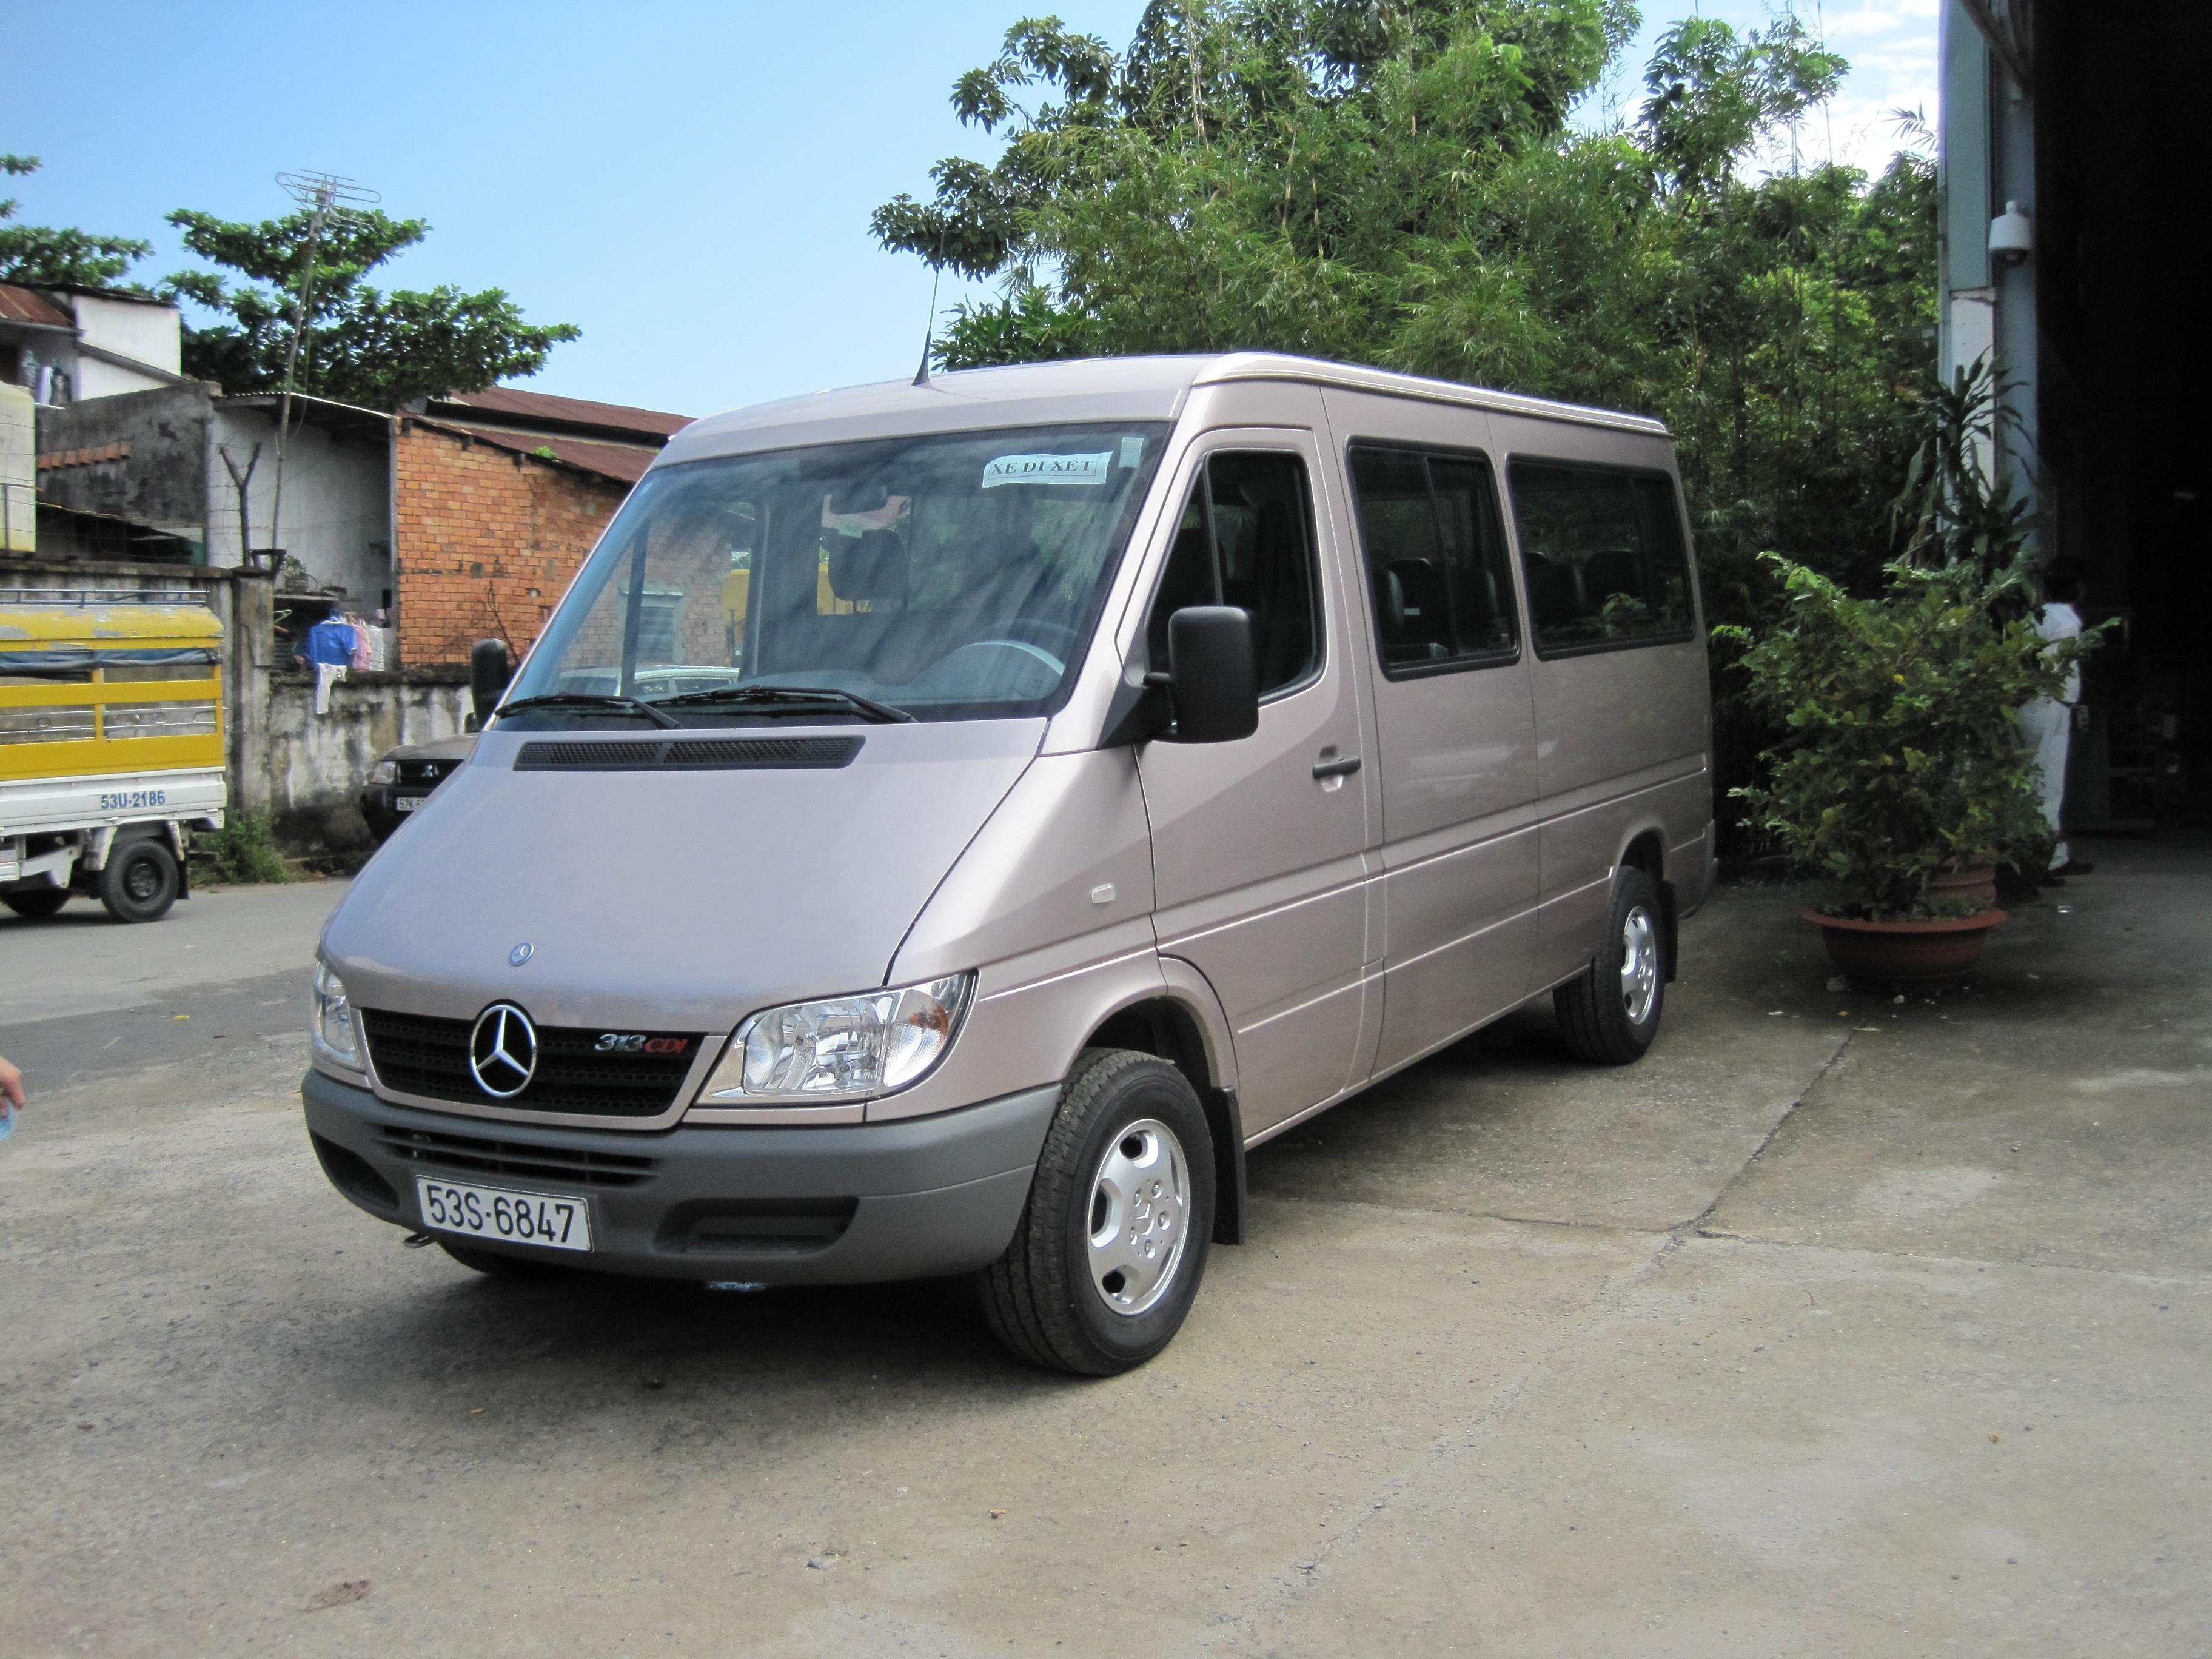 Thuê xe du lịch Quy Nhơn